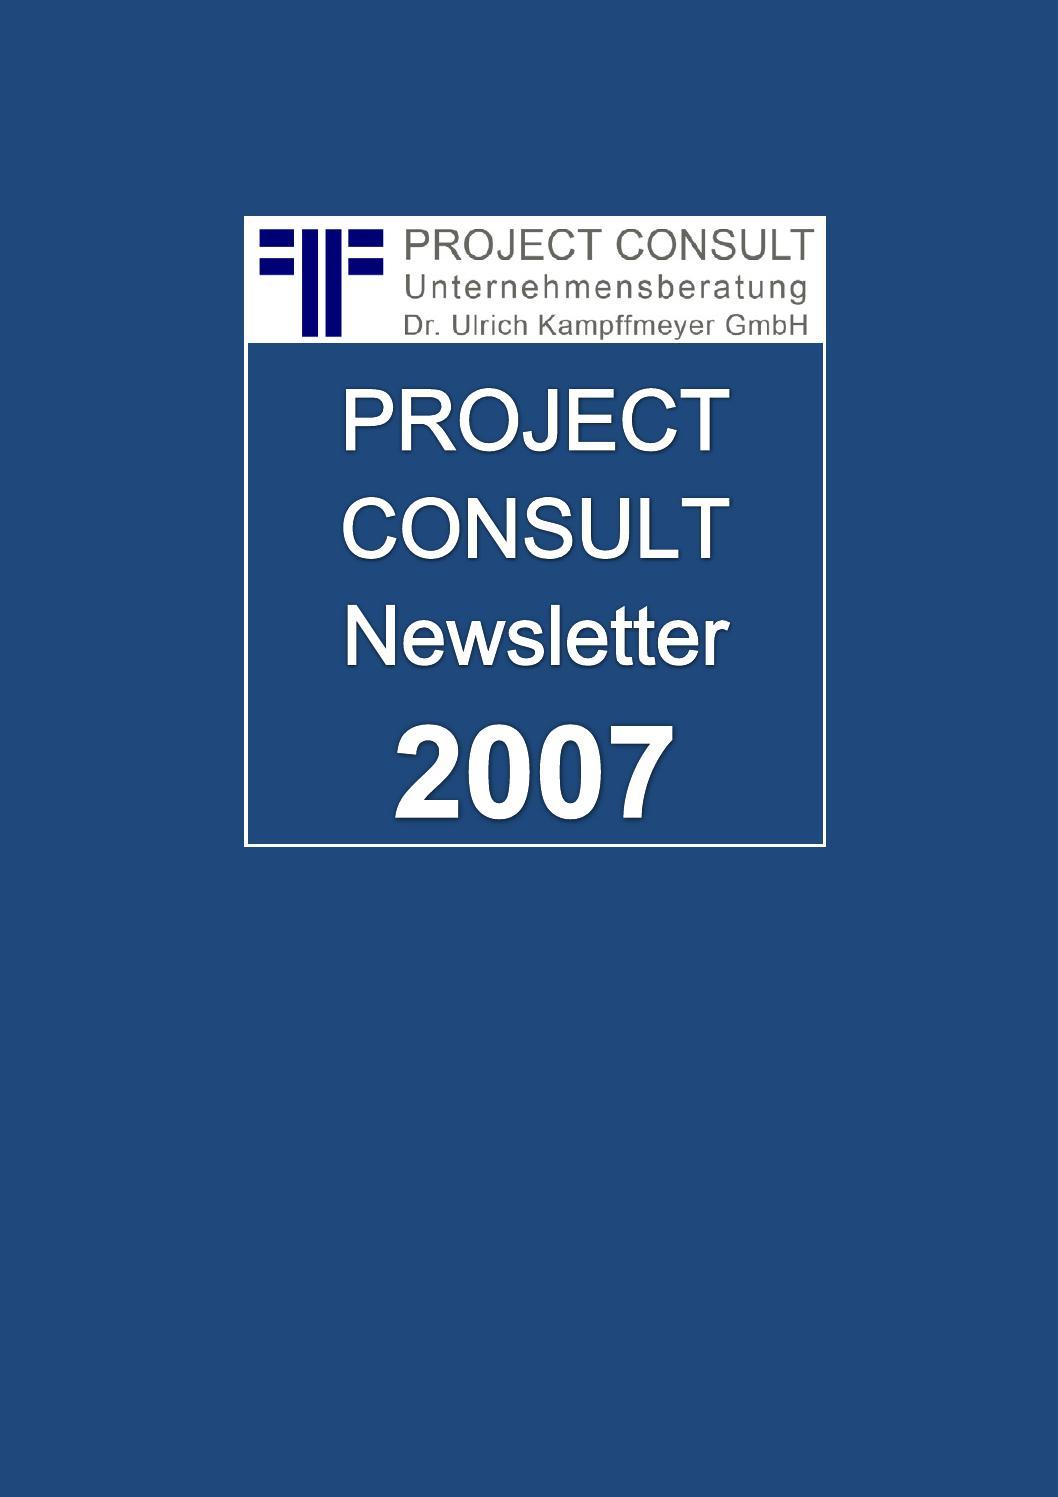 de project consult newsletter 2007 dr ulrich kampffmeyer hamburg kompletter jahrgang. Black Bedroom Furniture Sets. Home Design Ideas